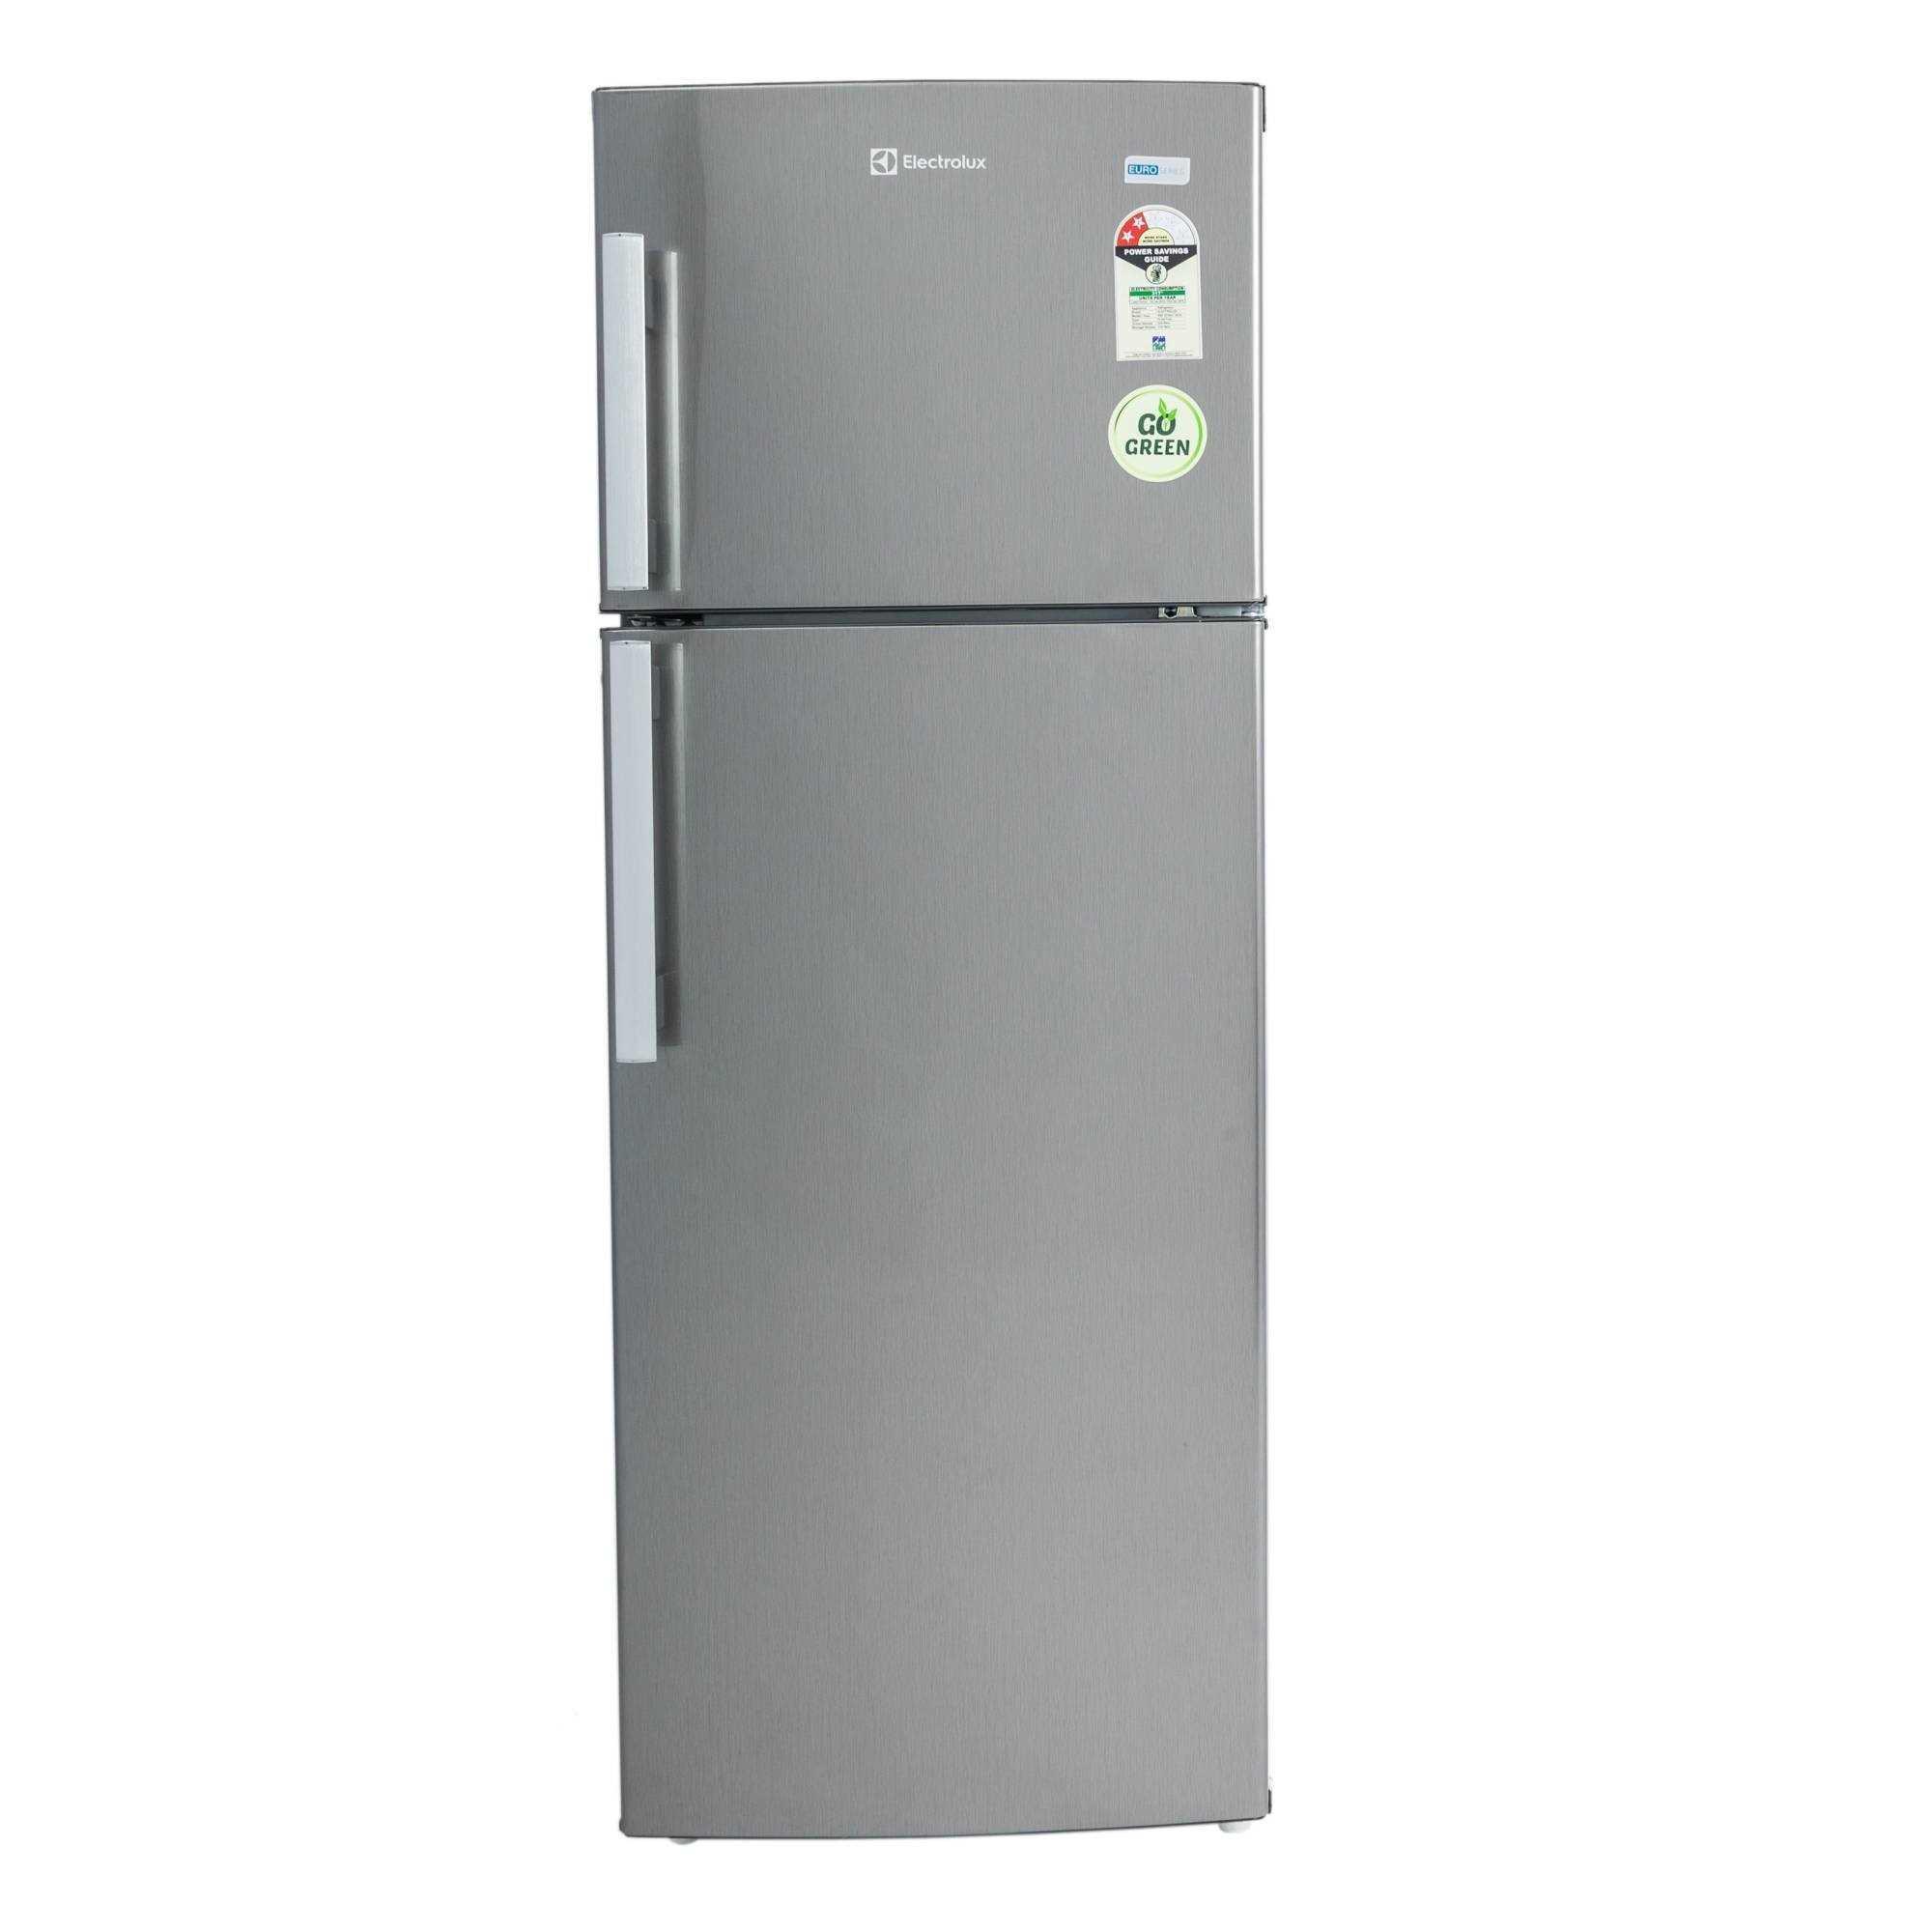 Double Door Refrigerator Price List In India Feb 2017